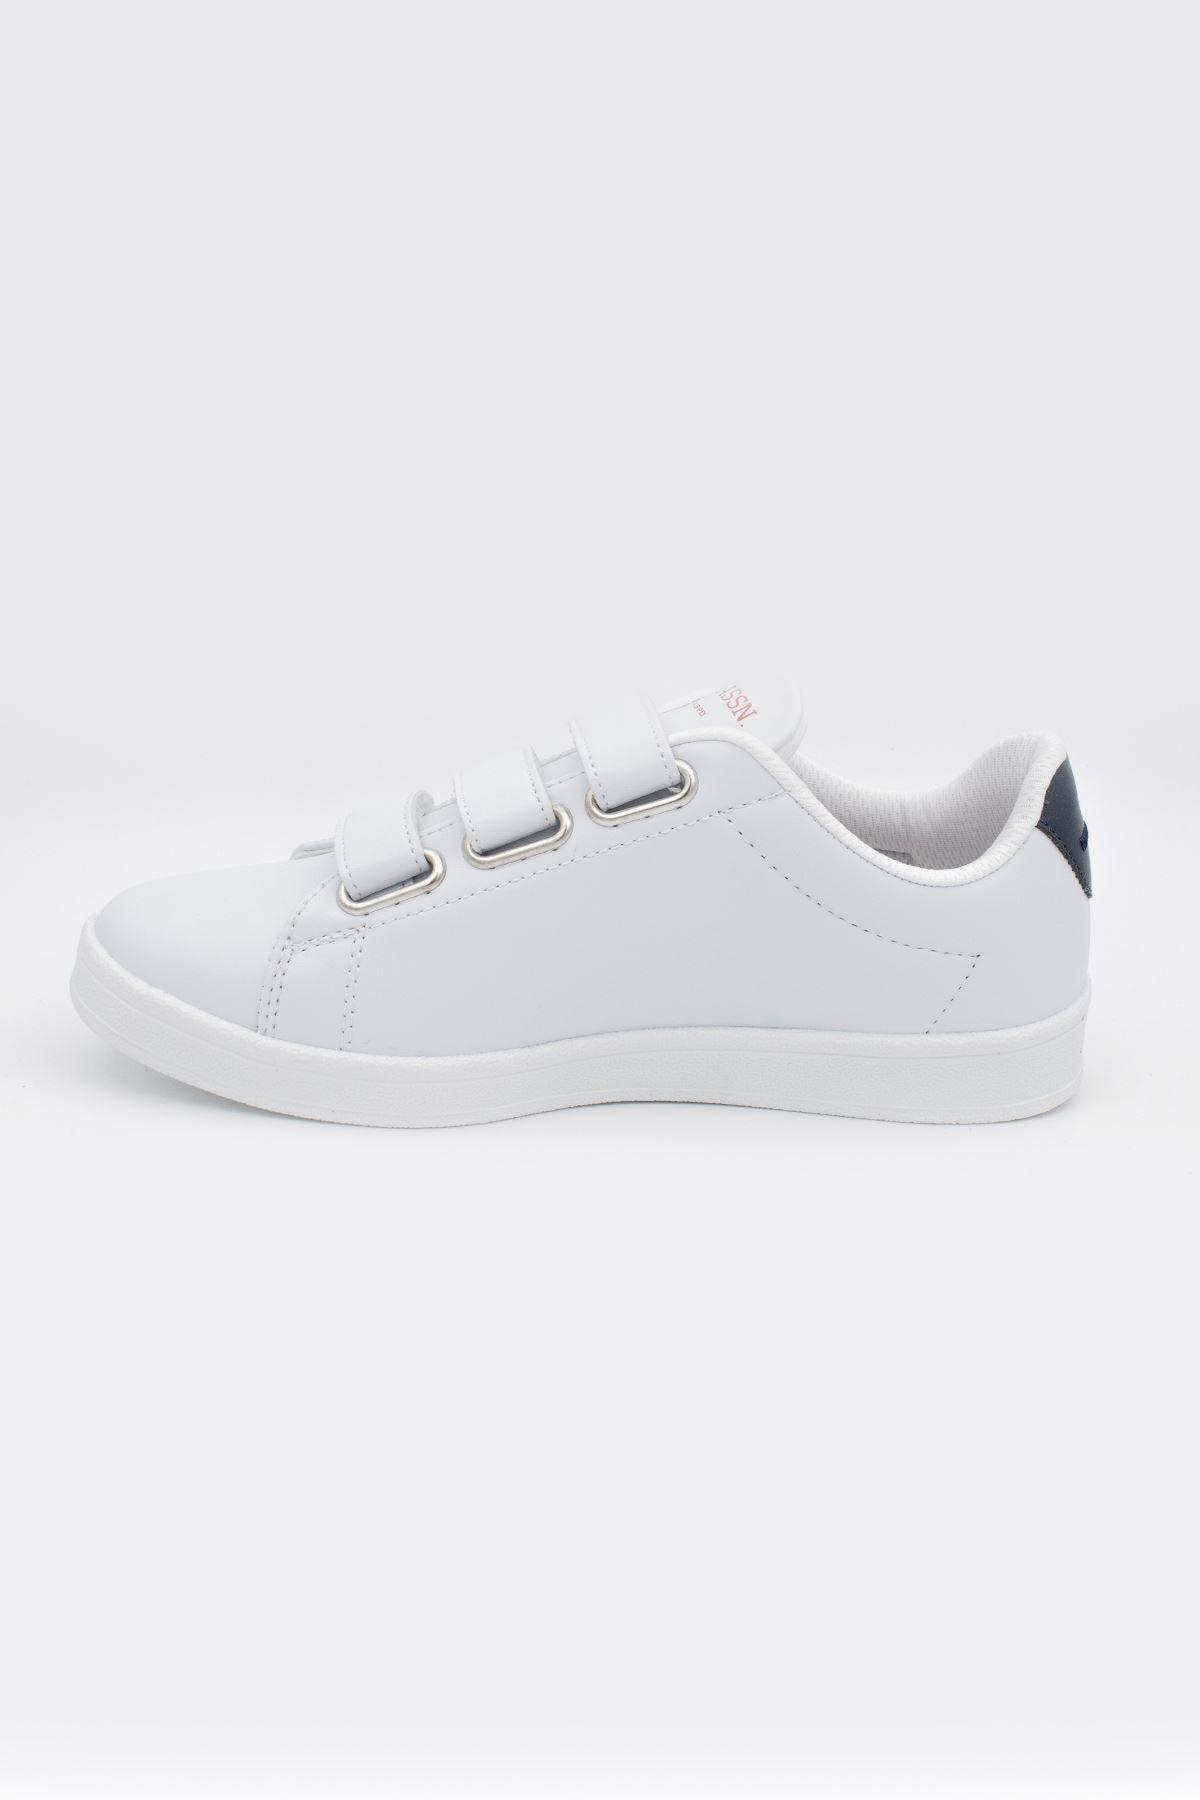 U.S POLO Beyaz Unisex Spor Ayakkabı-20yuspsıngr003 2